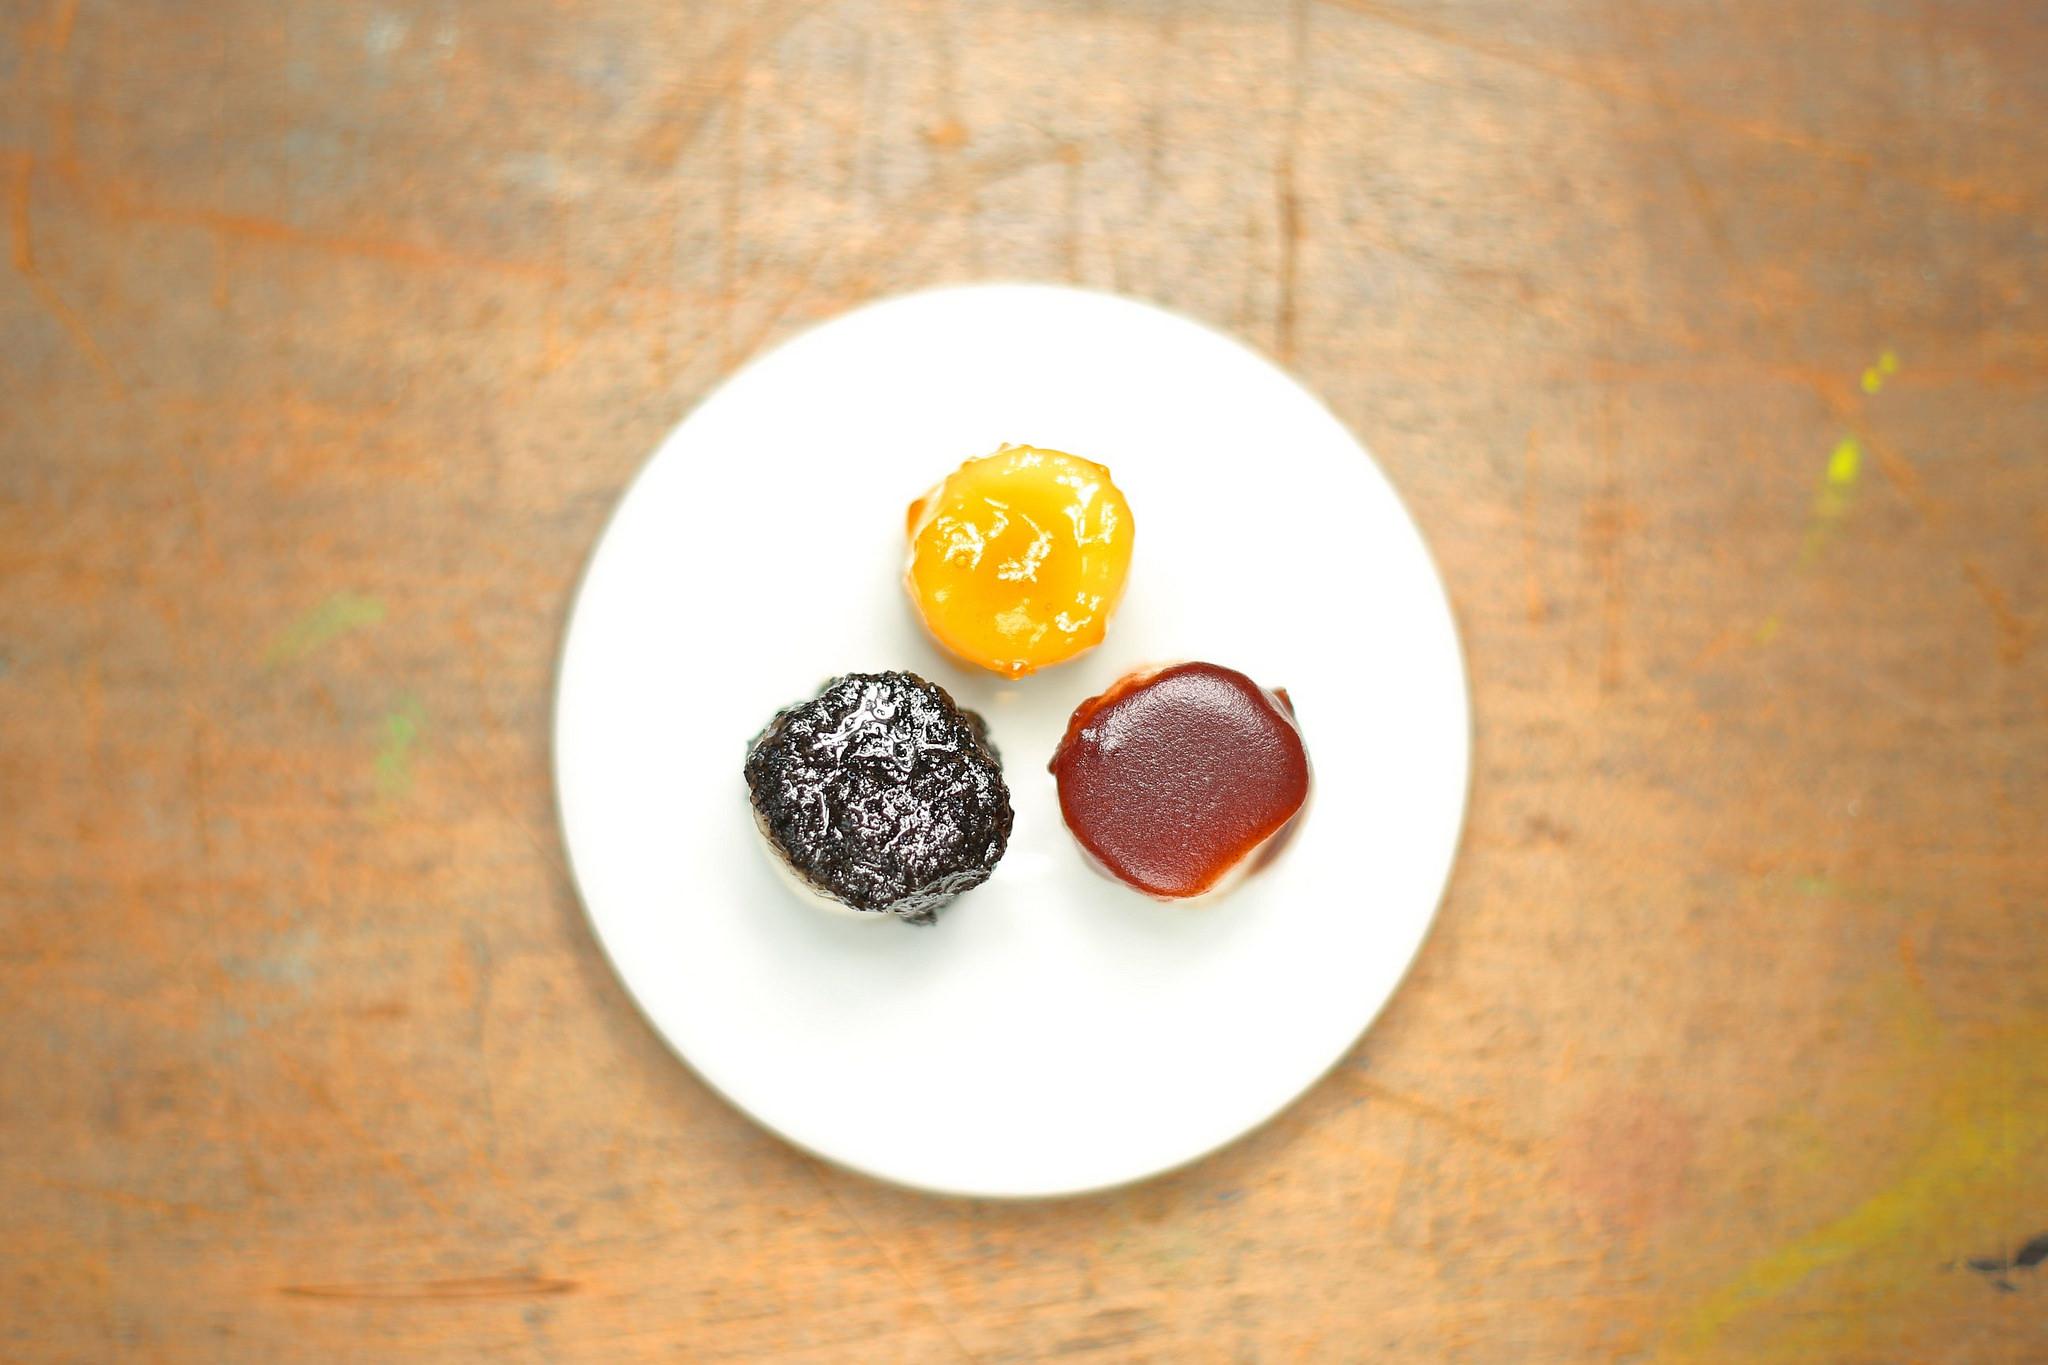 こちらは菊地タカ商店の切りだんご。 しょうゆ、ごま、あんこの3種類は定番中の定番ですね。 お米の他、小豆も市産のものを使用しています。